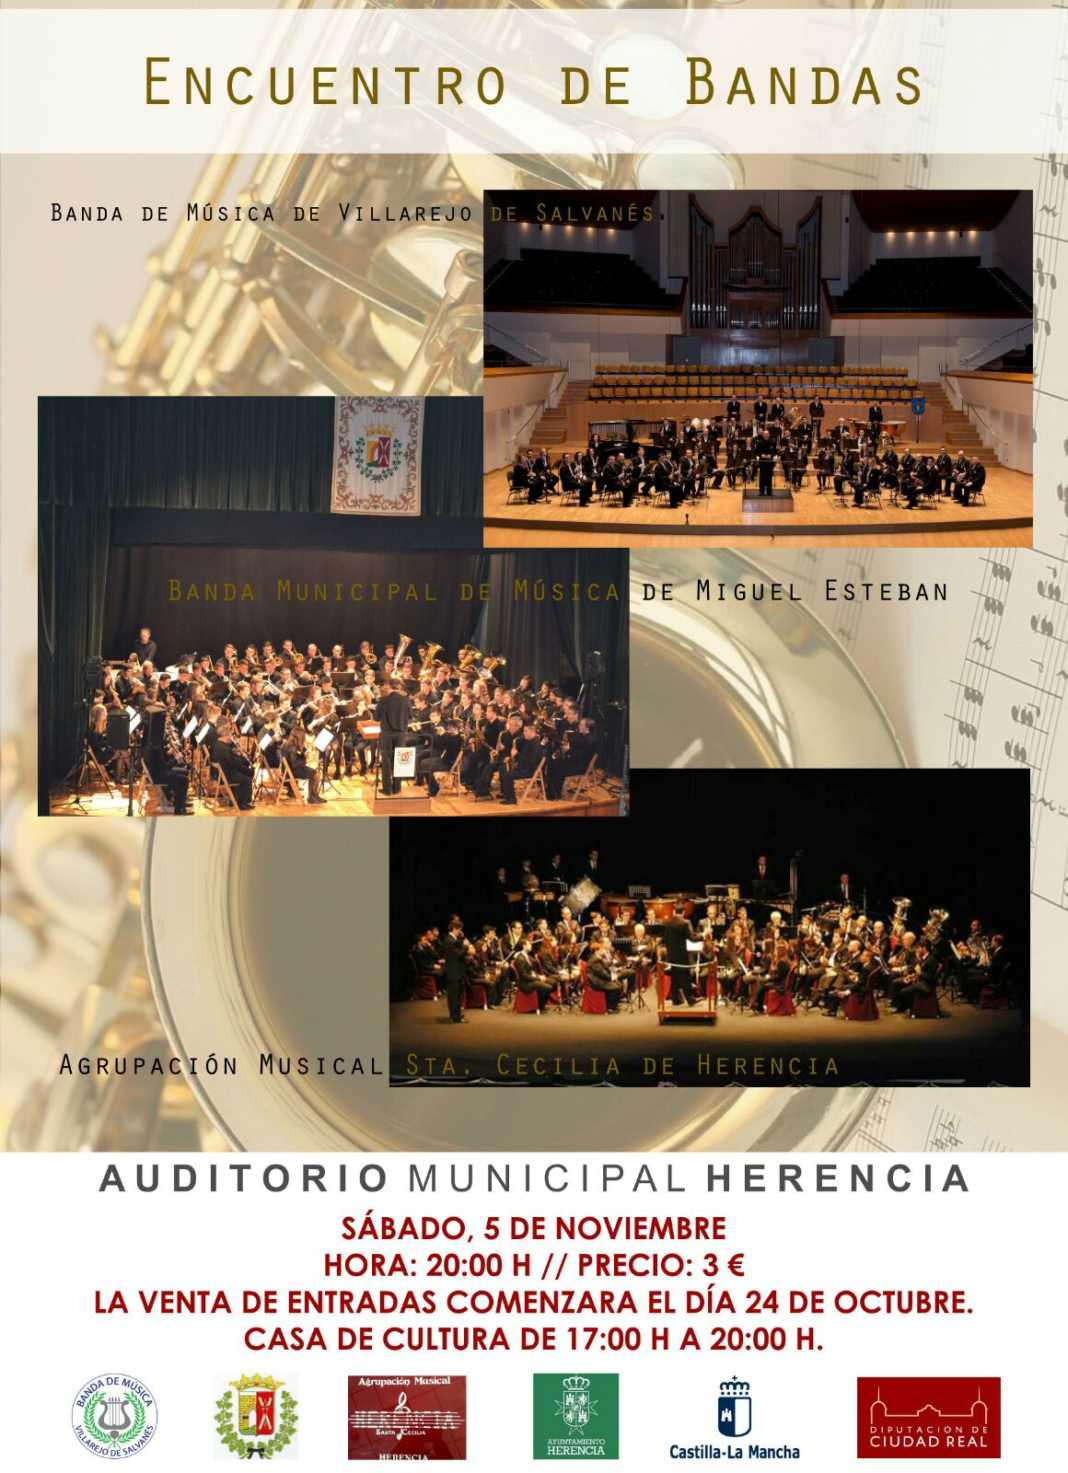 Encuentro de Bandas de Música en Herencia el 5 de noviembre 1